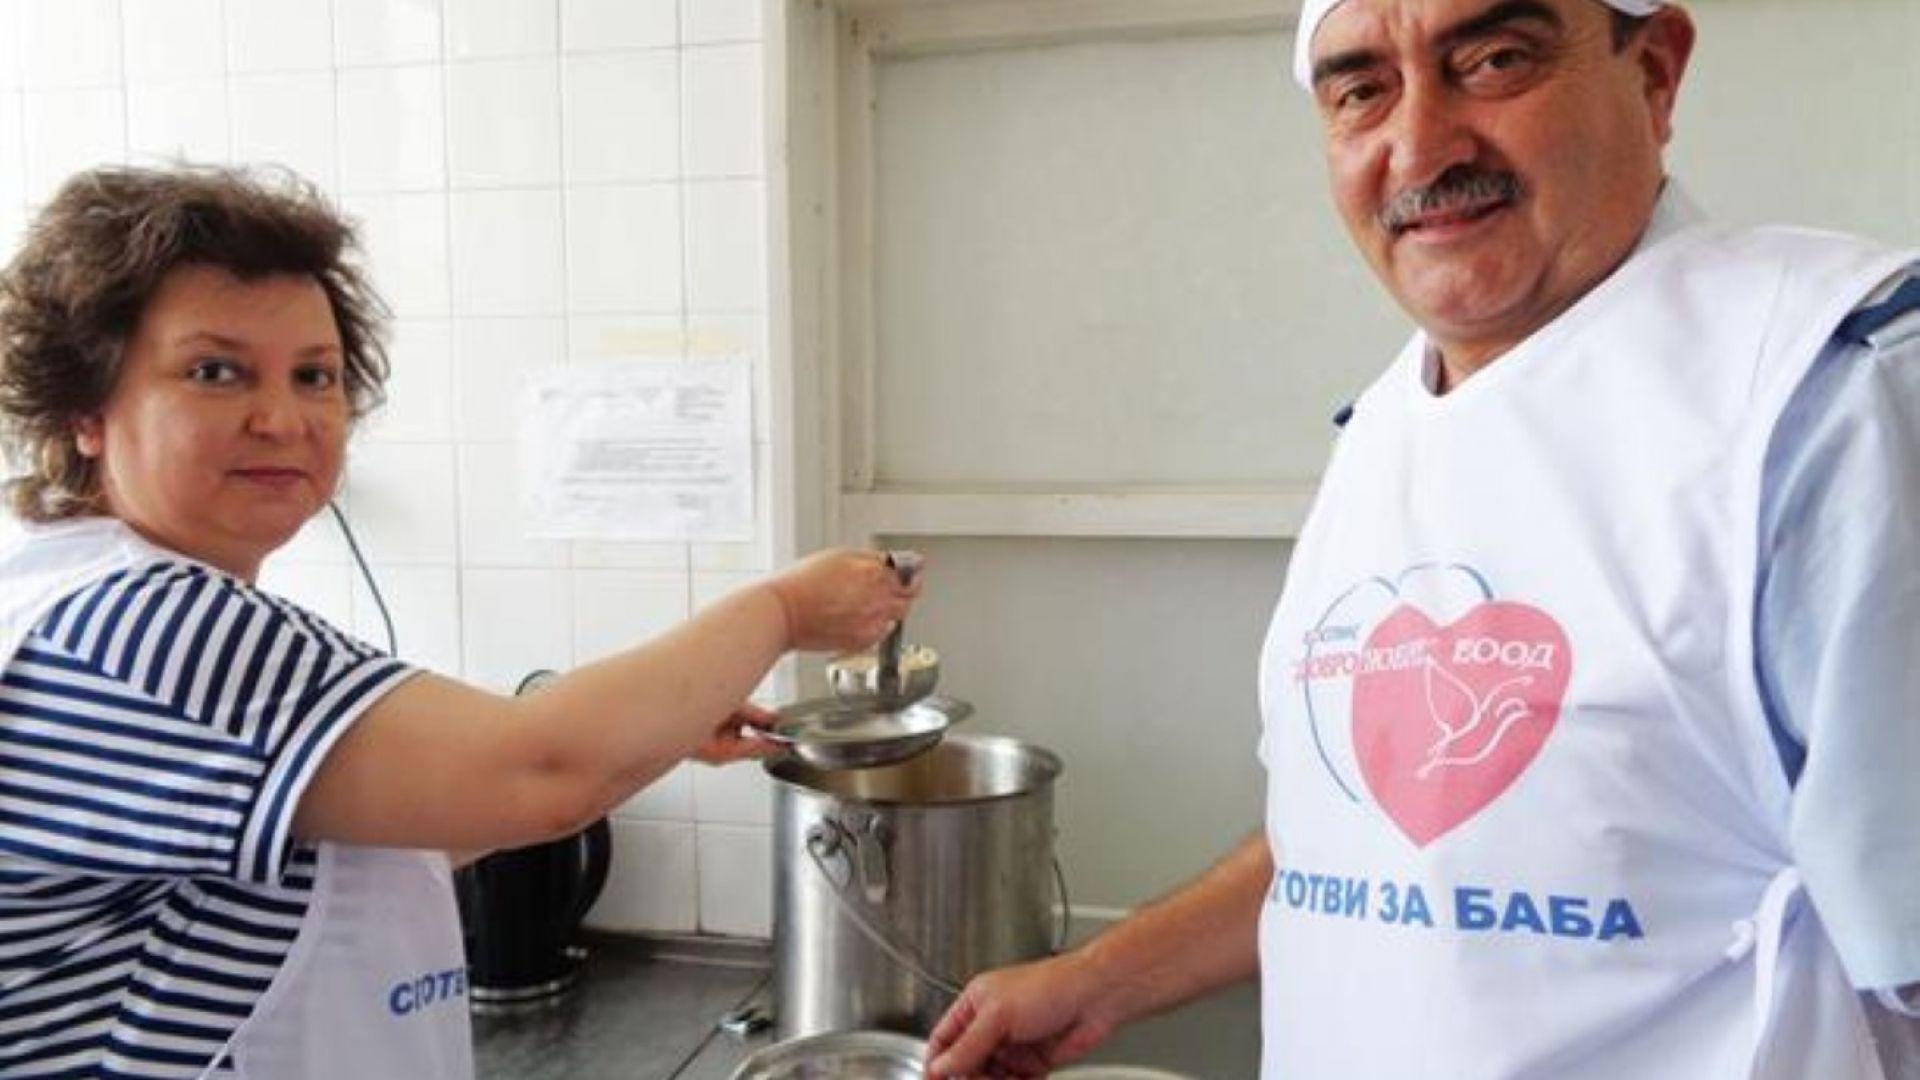 Полицаи дариха продукти, готвиха и сервираха в хоспис в Кърджали